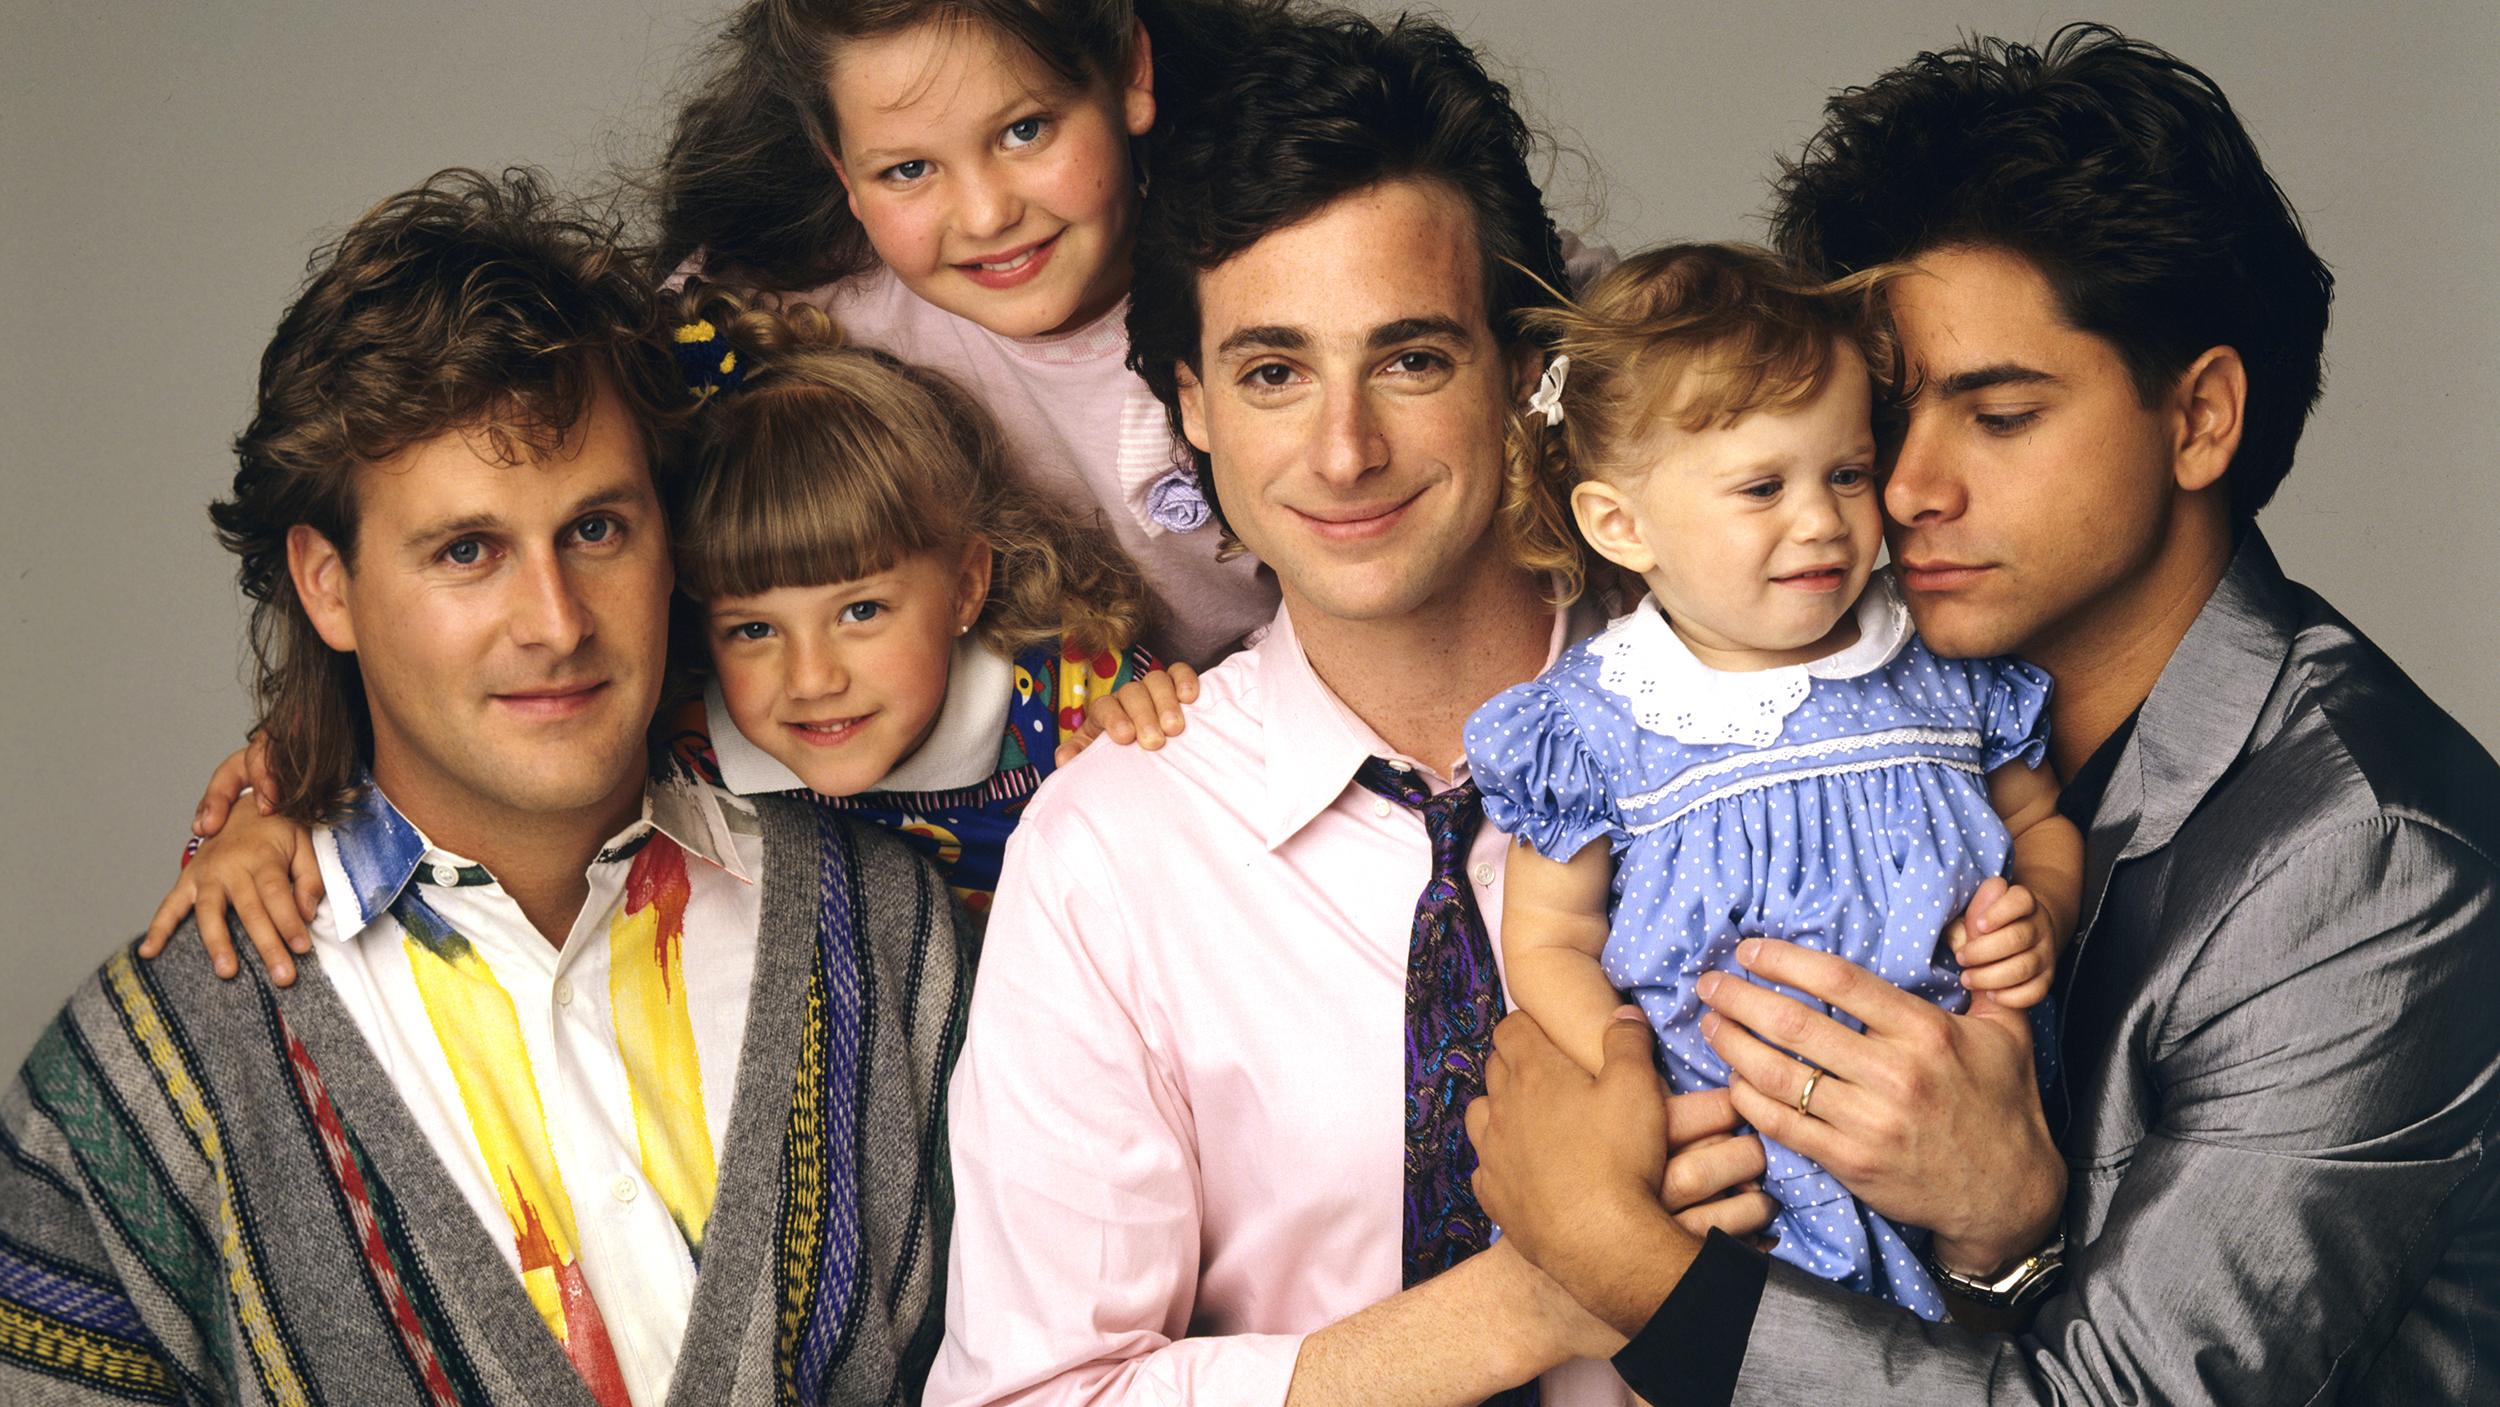 John Stamos on Fuller House cast We never stopped loving each